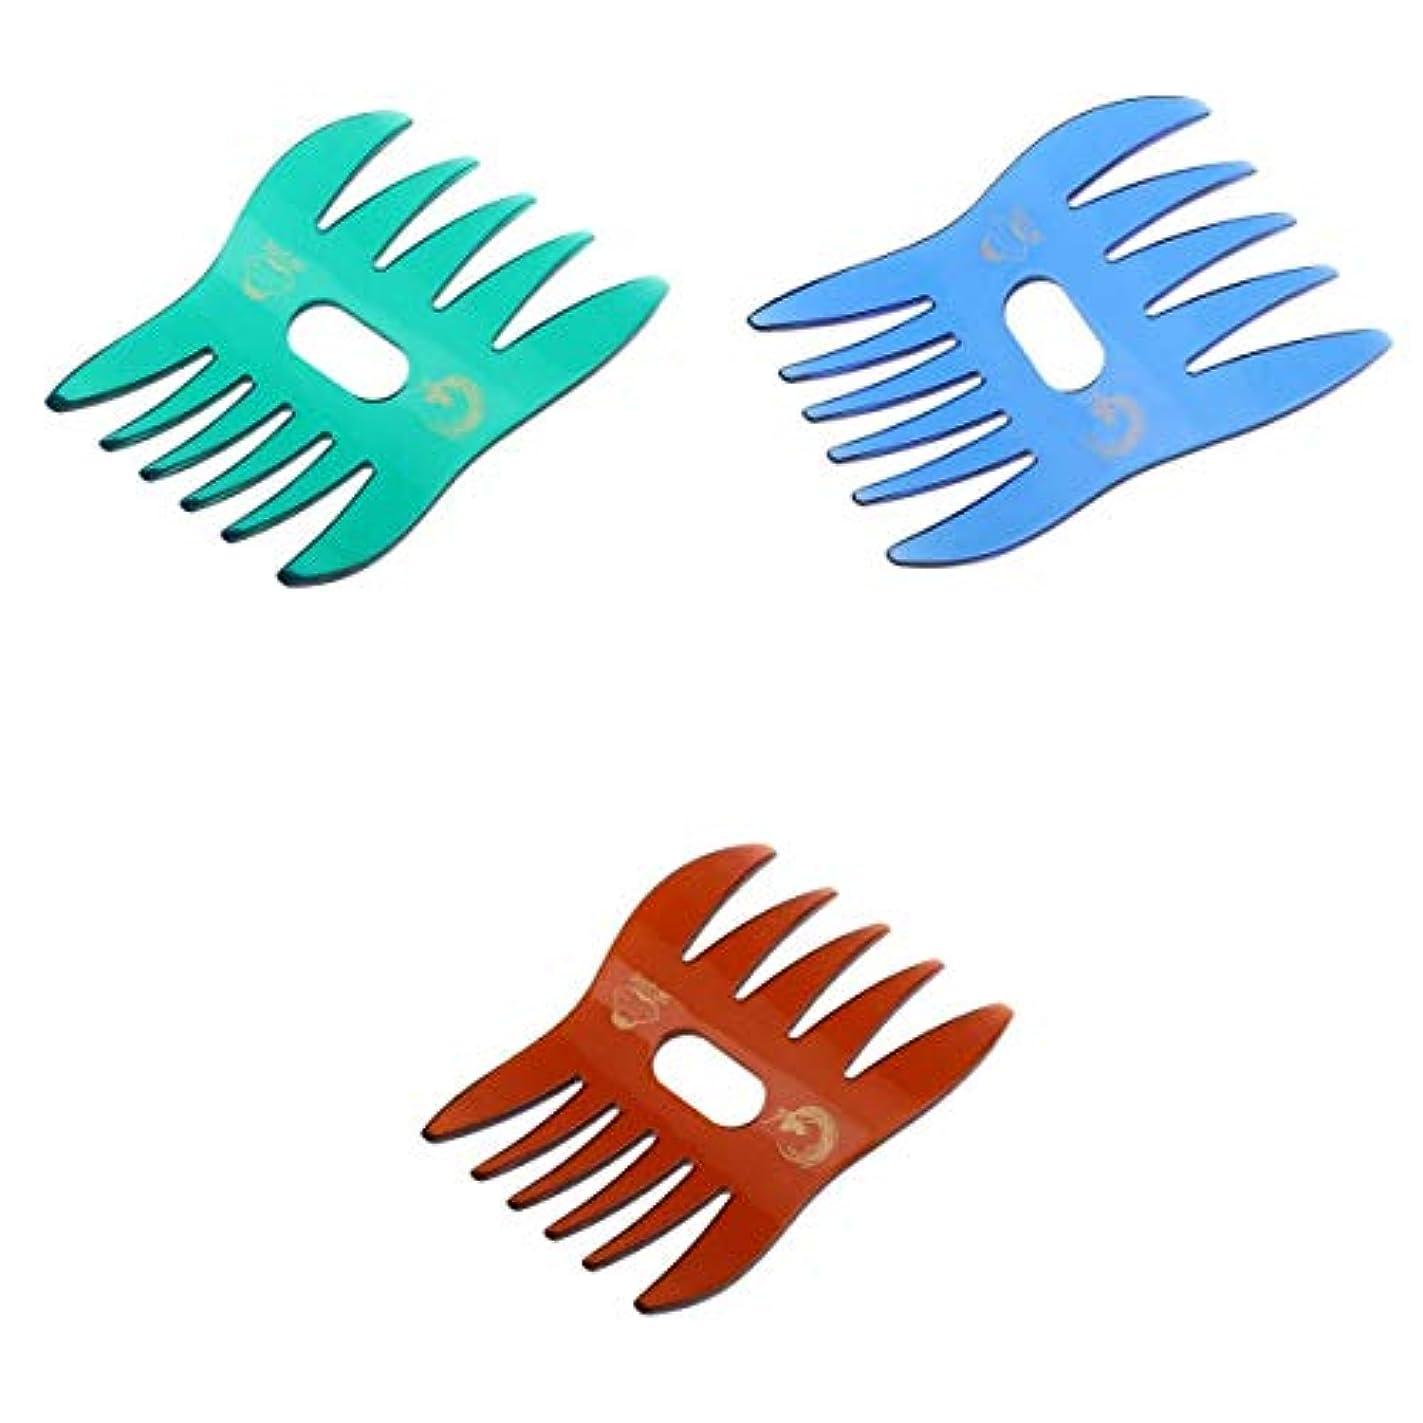 雇用者特別なやめる櫛 ヘアコーム コーム ヘア櫛 静電気防止 粗歯 頭皮マッサージ オイルヘアスタイル